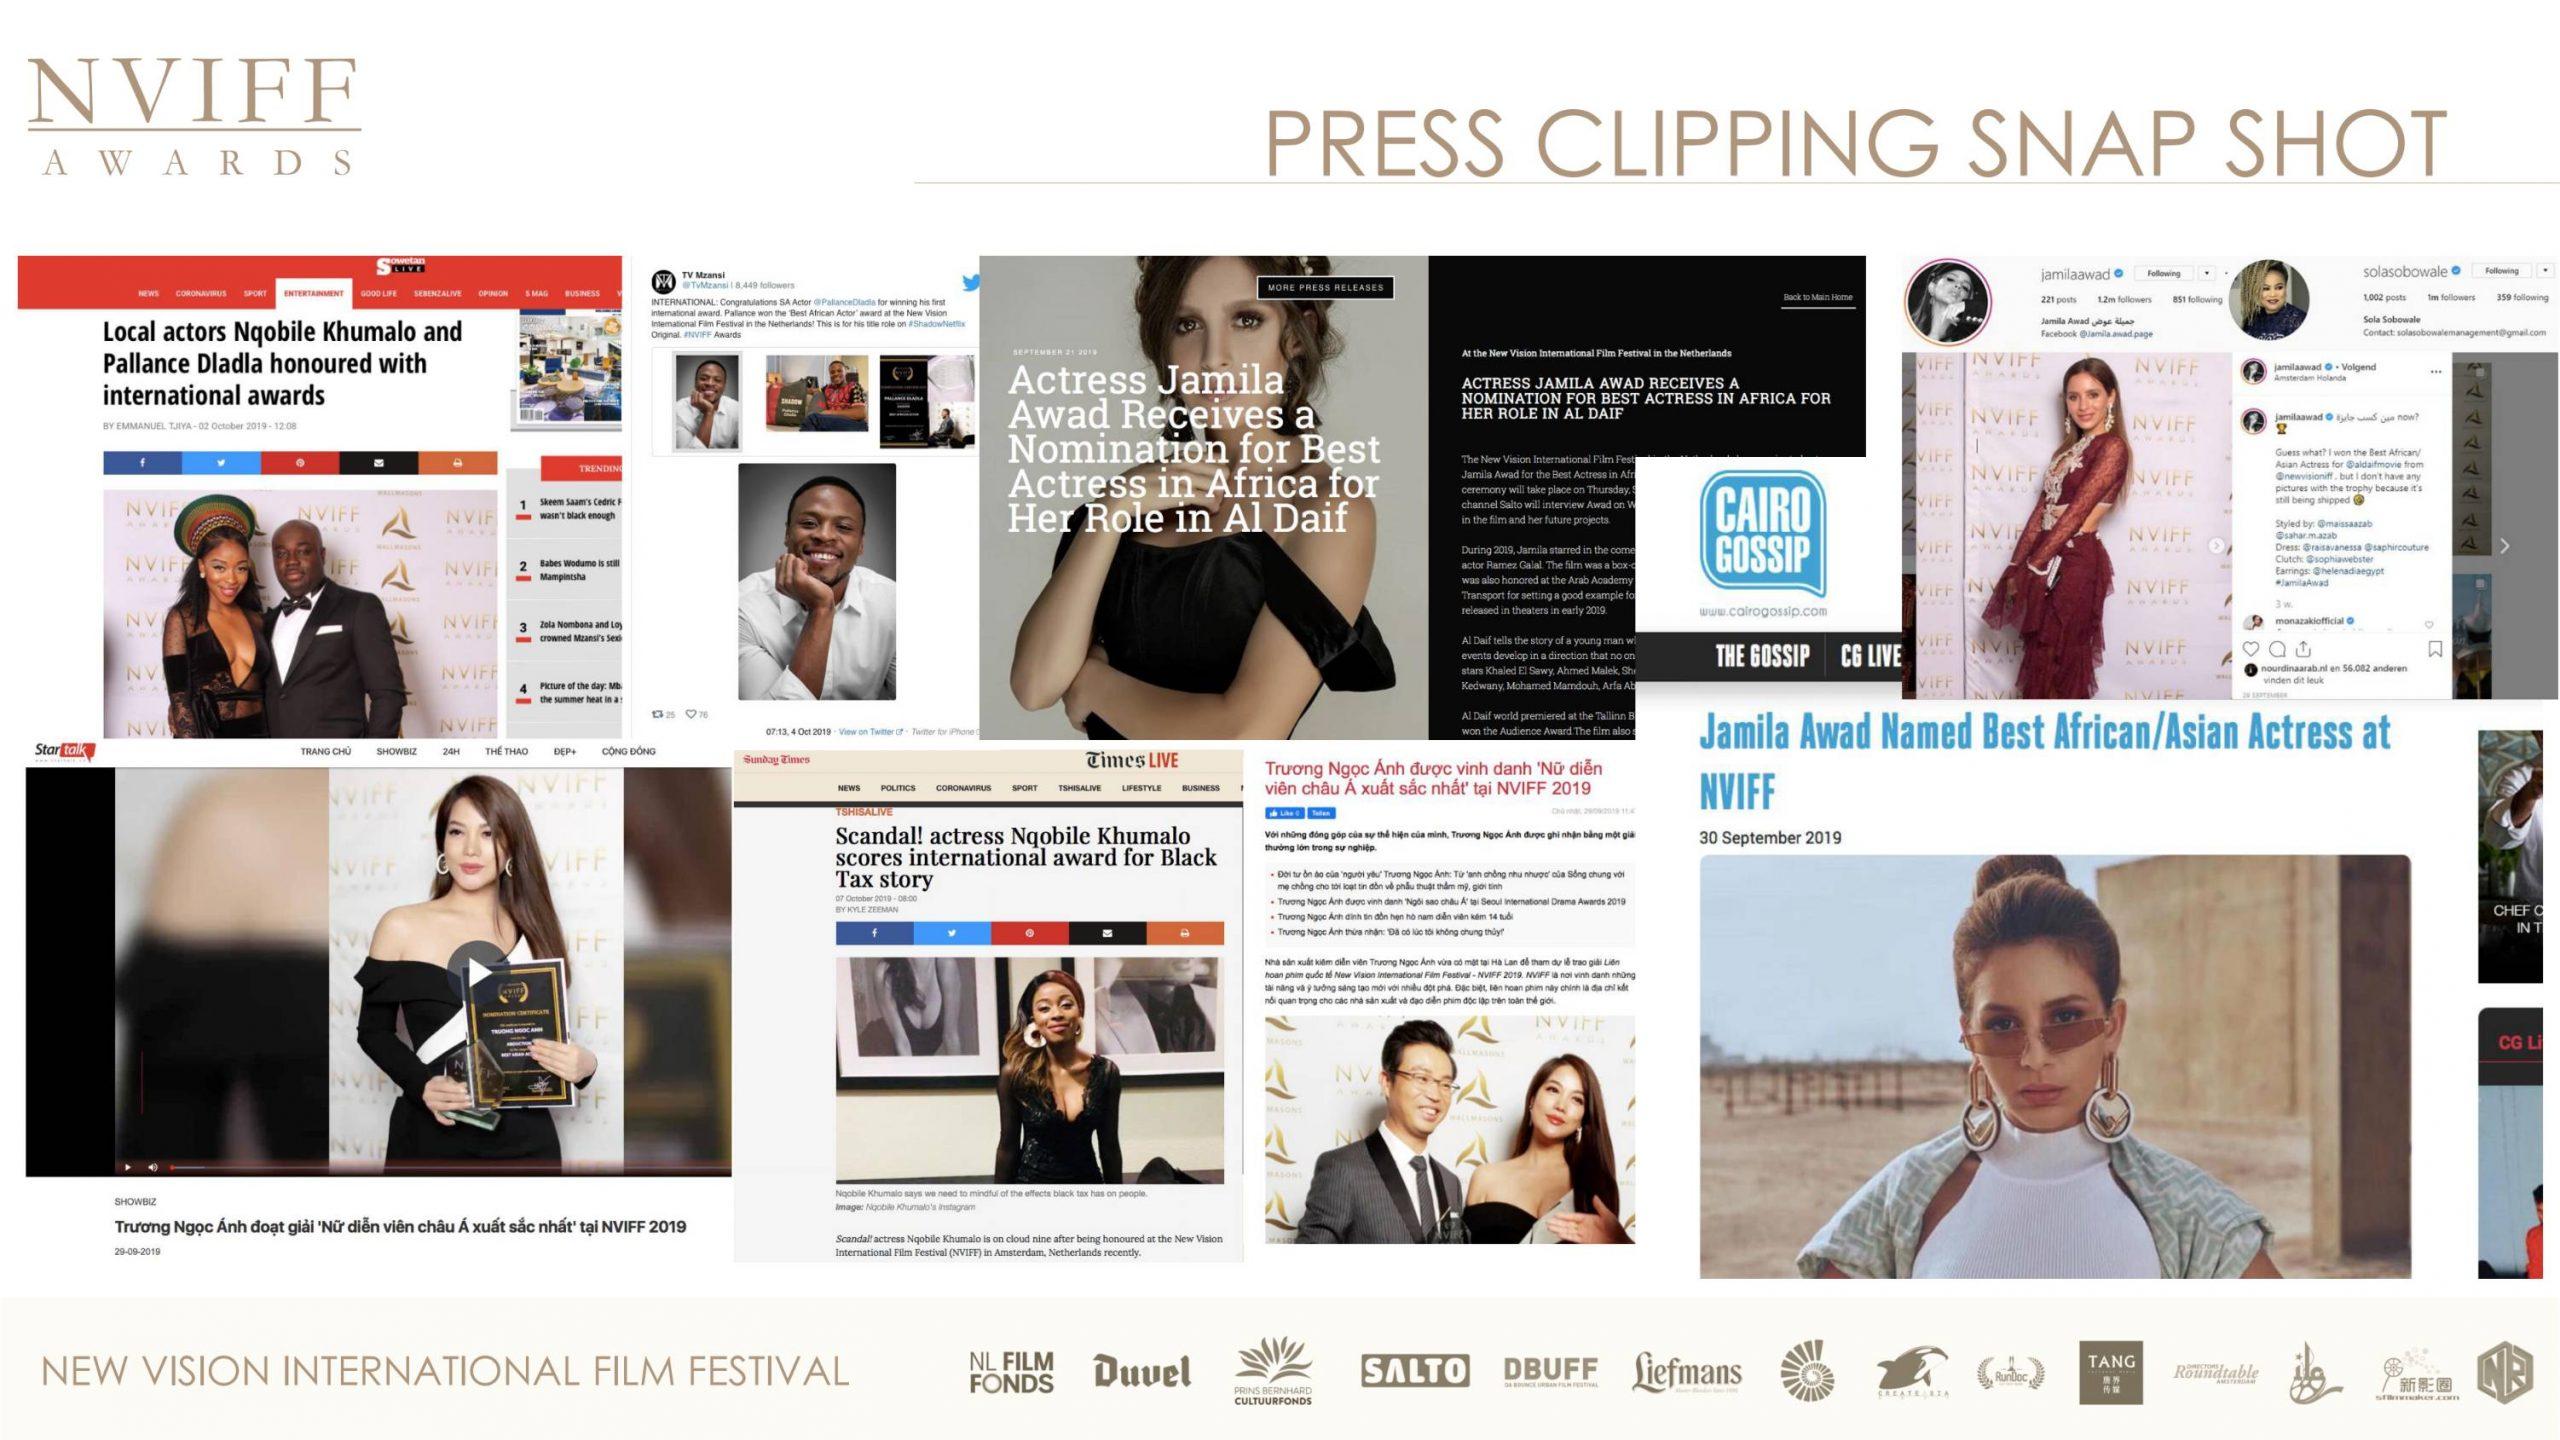 荷兰新视野国际电影节携手全球合作伙伴「唐界传媒」共助影业发展